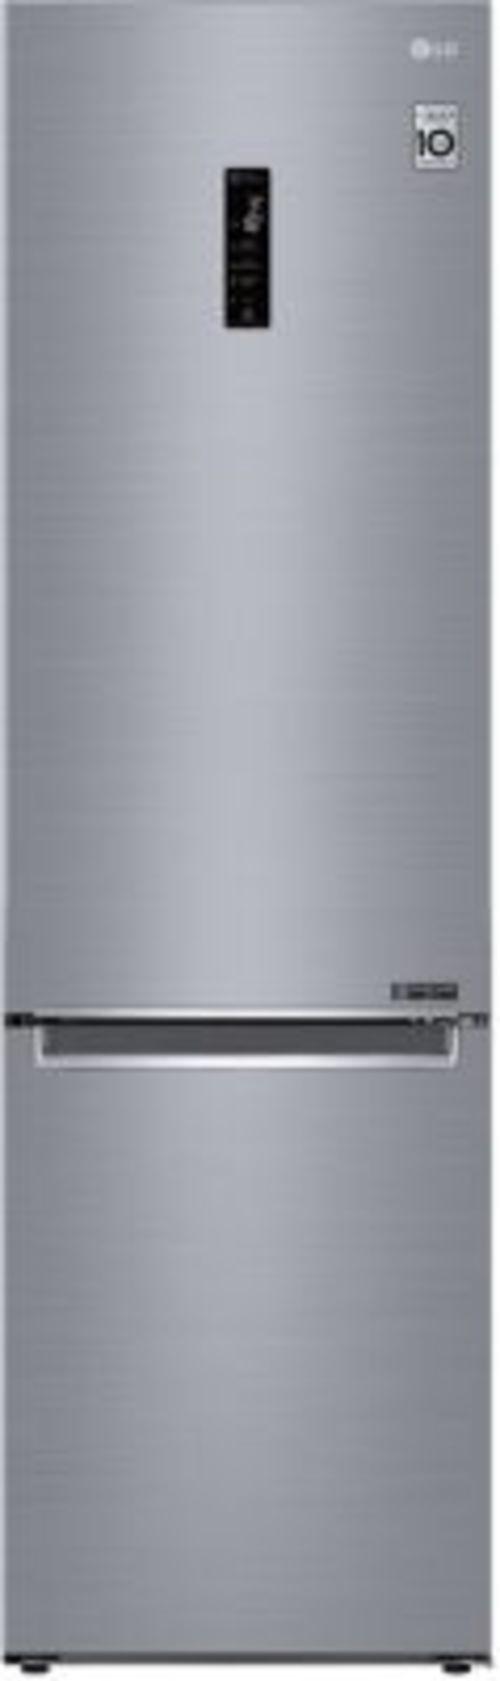 Réfrigérateurs congélateurs (combinés et 2 portes) - LG GBB62PZFFN